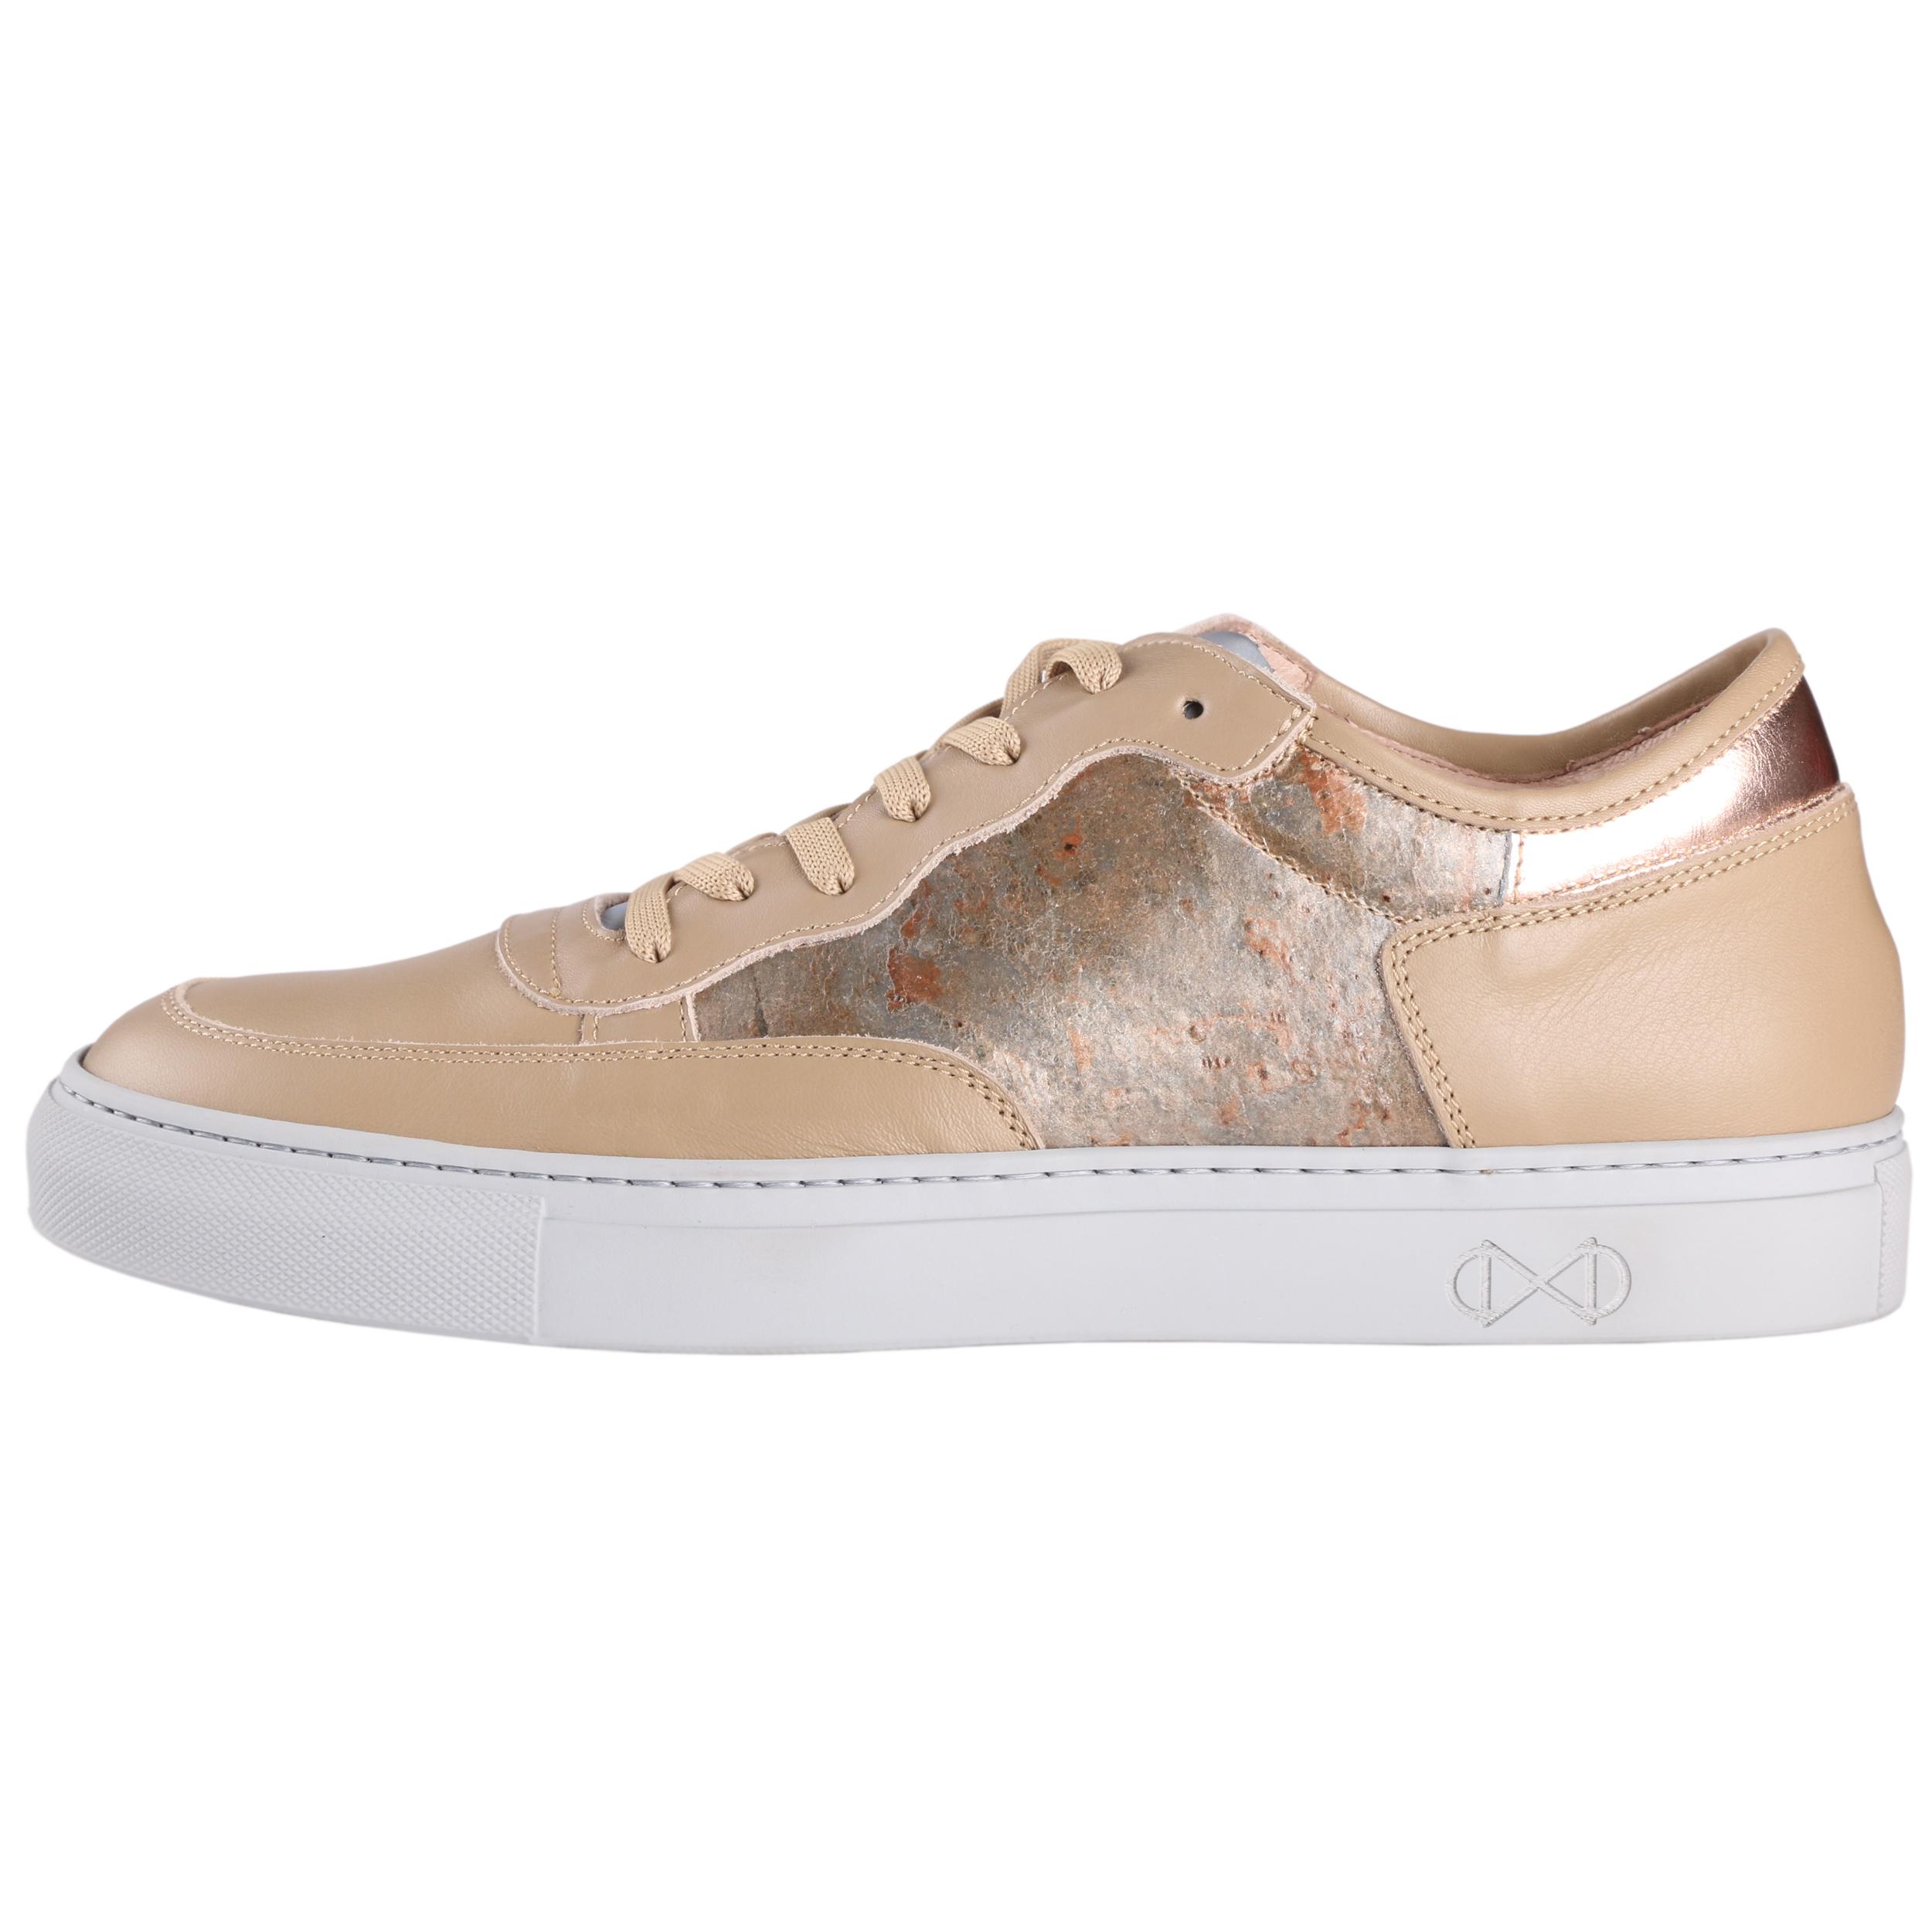 کفش مردانه راکسلین مدل Shades of Copper